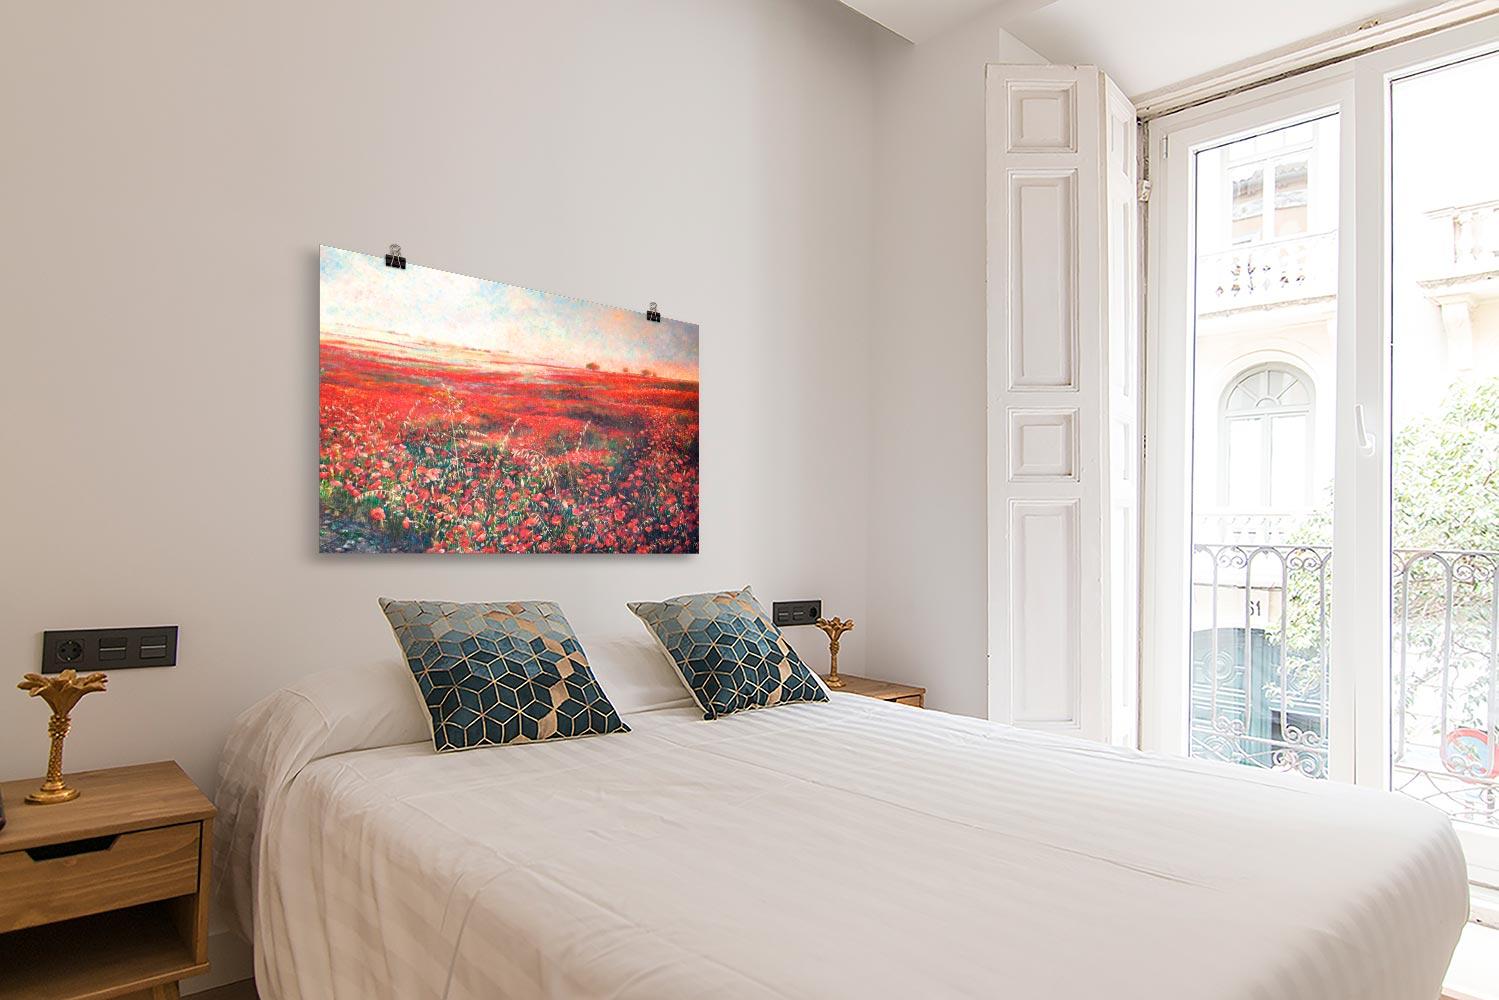 Reproducción de arte en lámina - dormitorio con balcón - Termino de Valverde 3 - Óleo - Paisaje - Naturalismo -pintado por Fernando Pagador